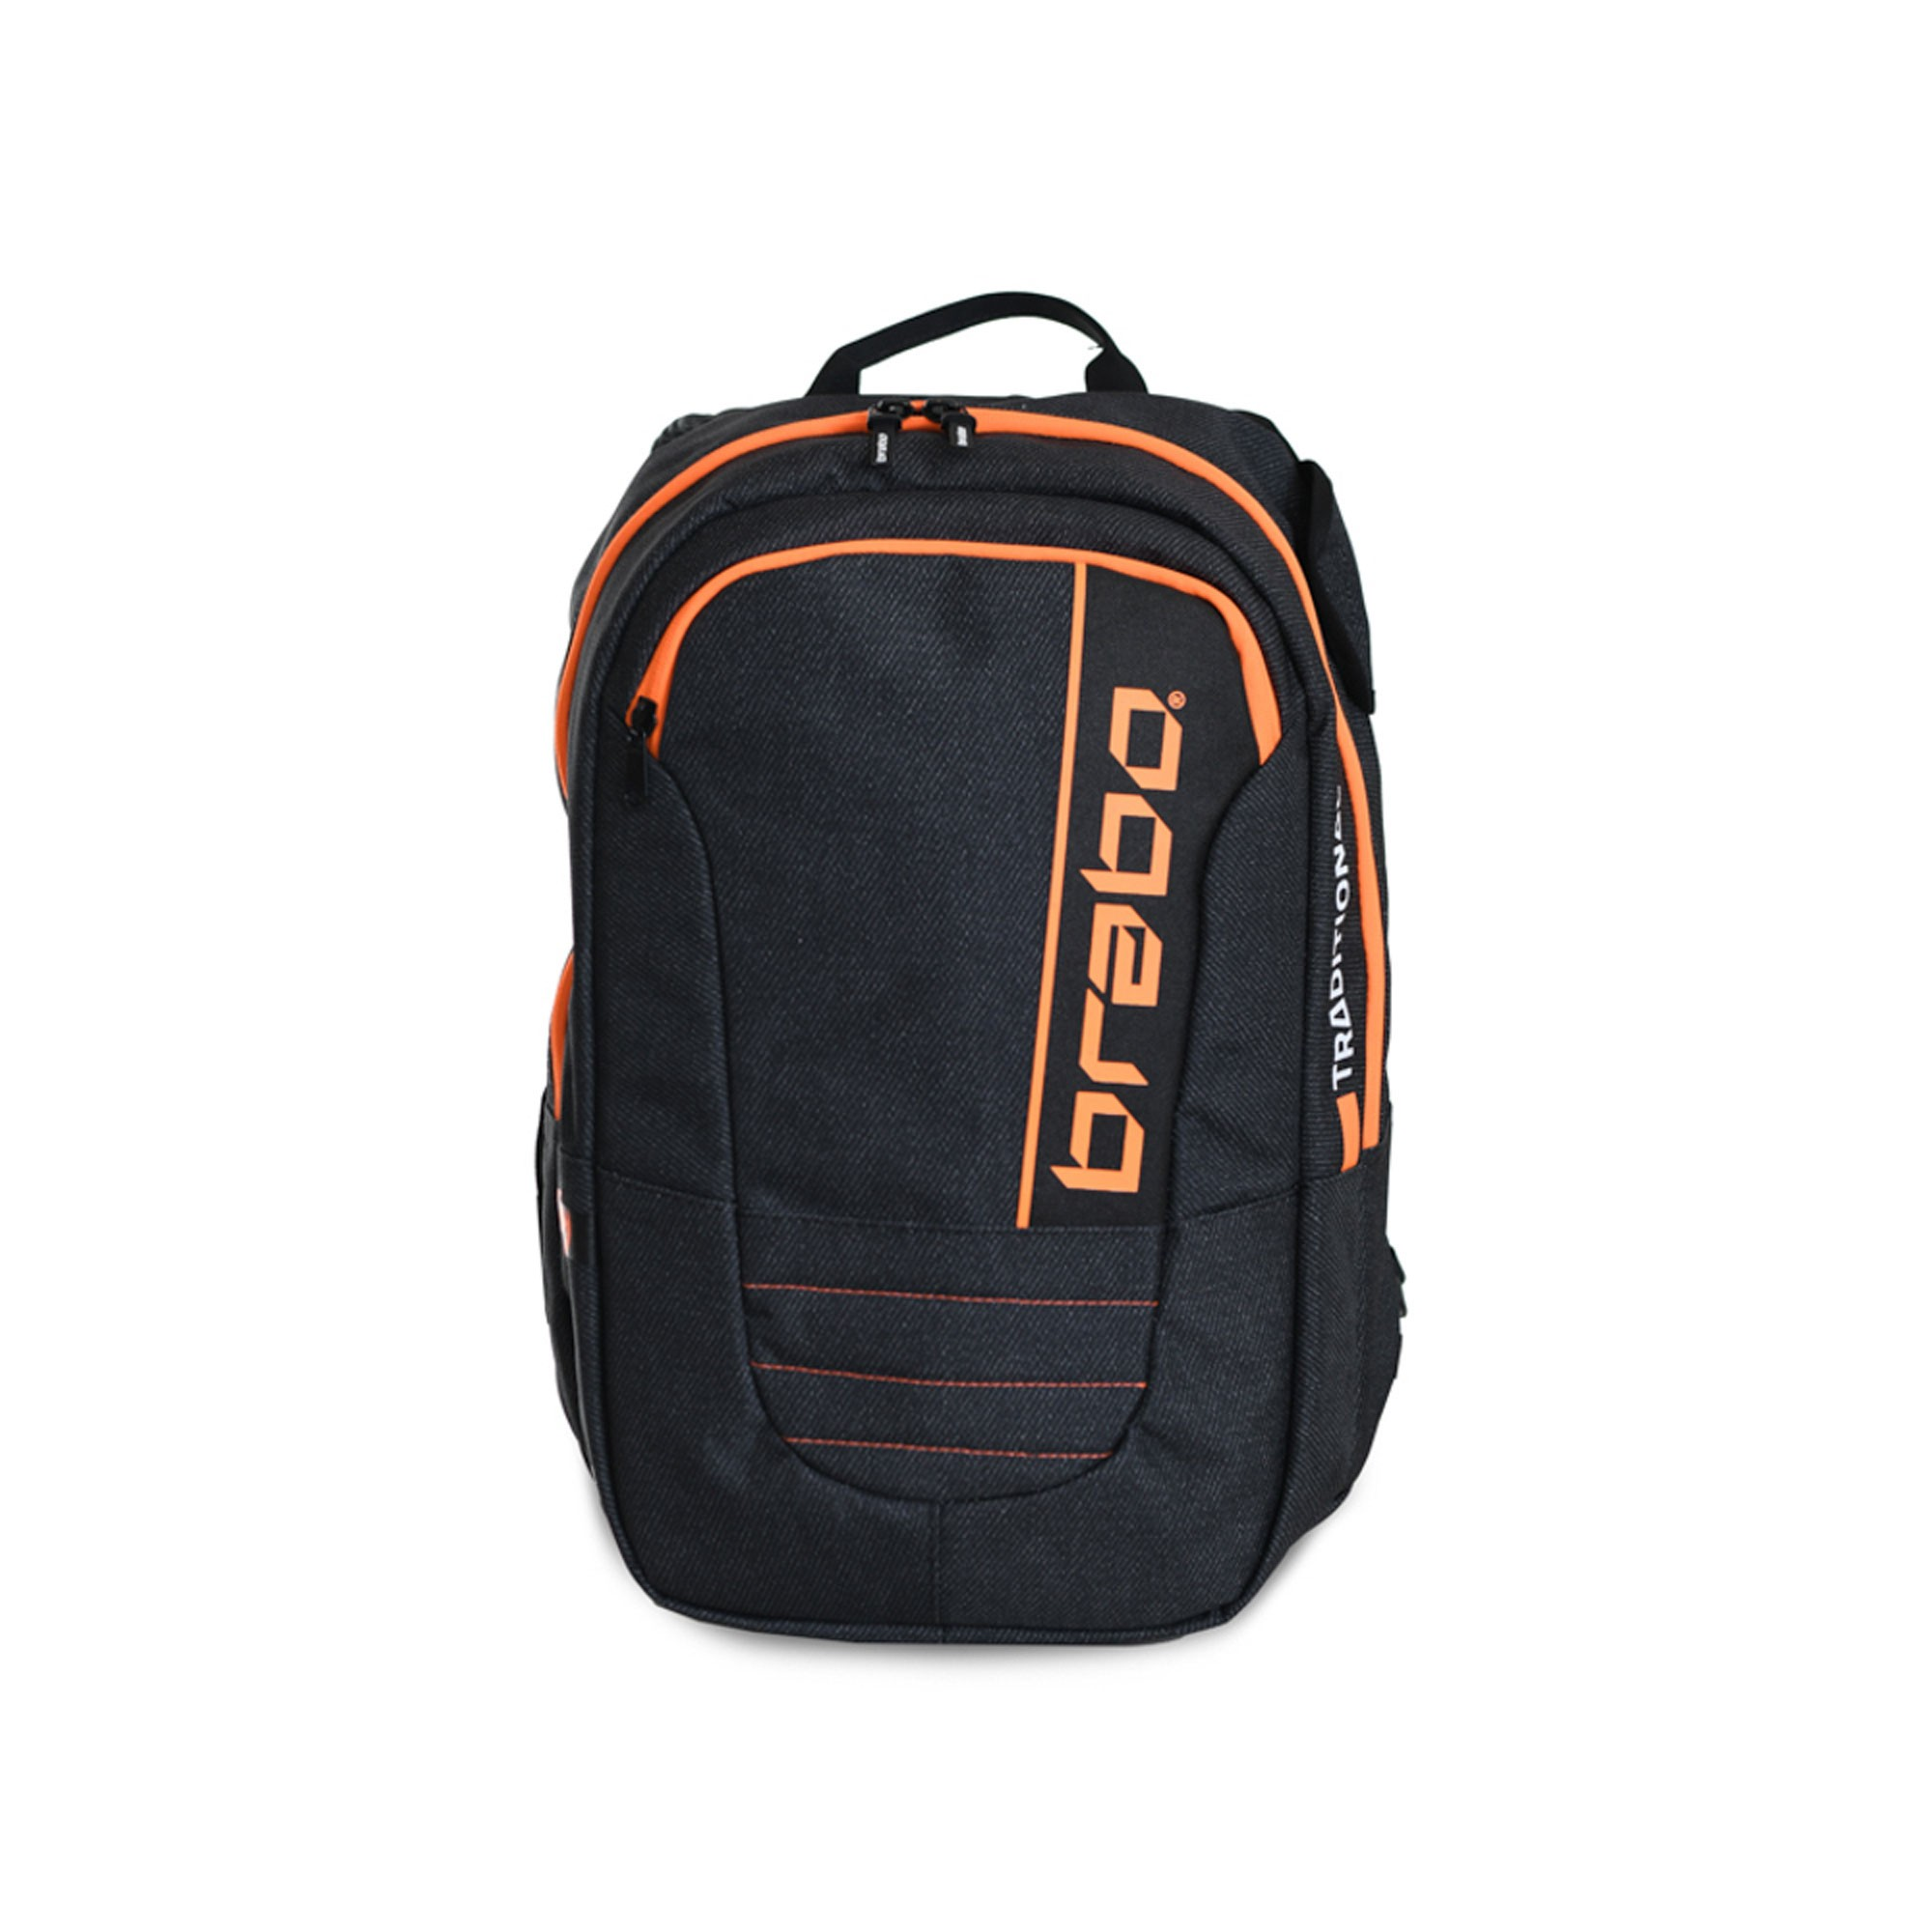 Afbeelding van Brabo Backpack Traditional Denim Hockeytas Junior Black Orange